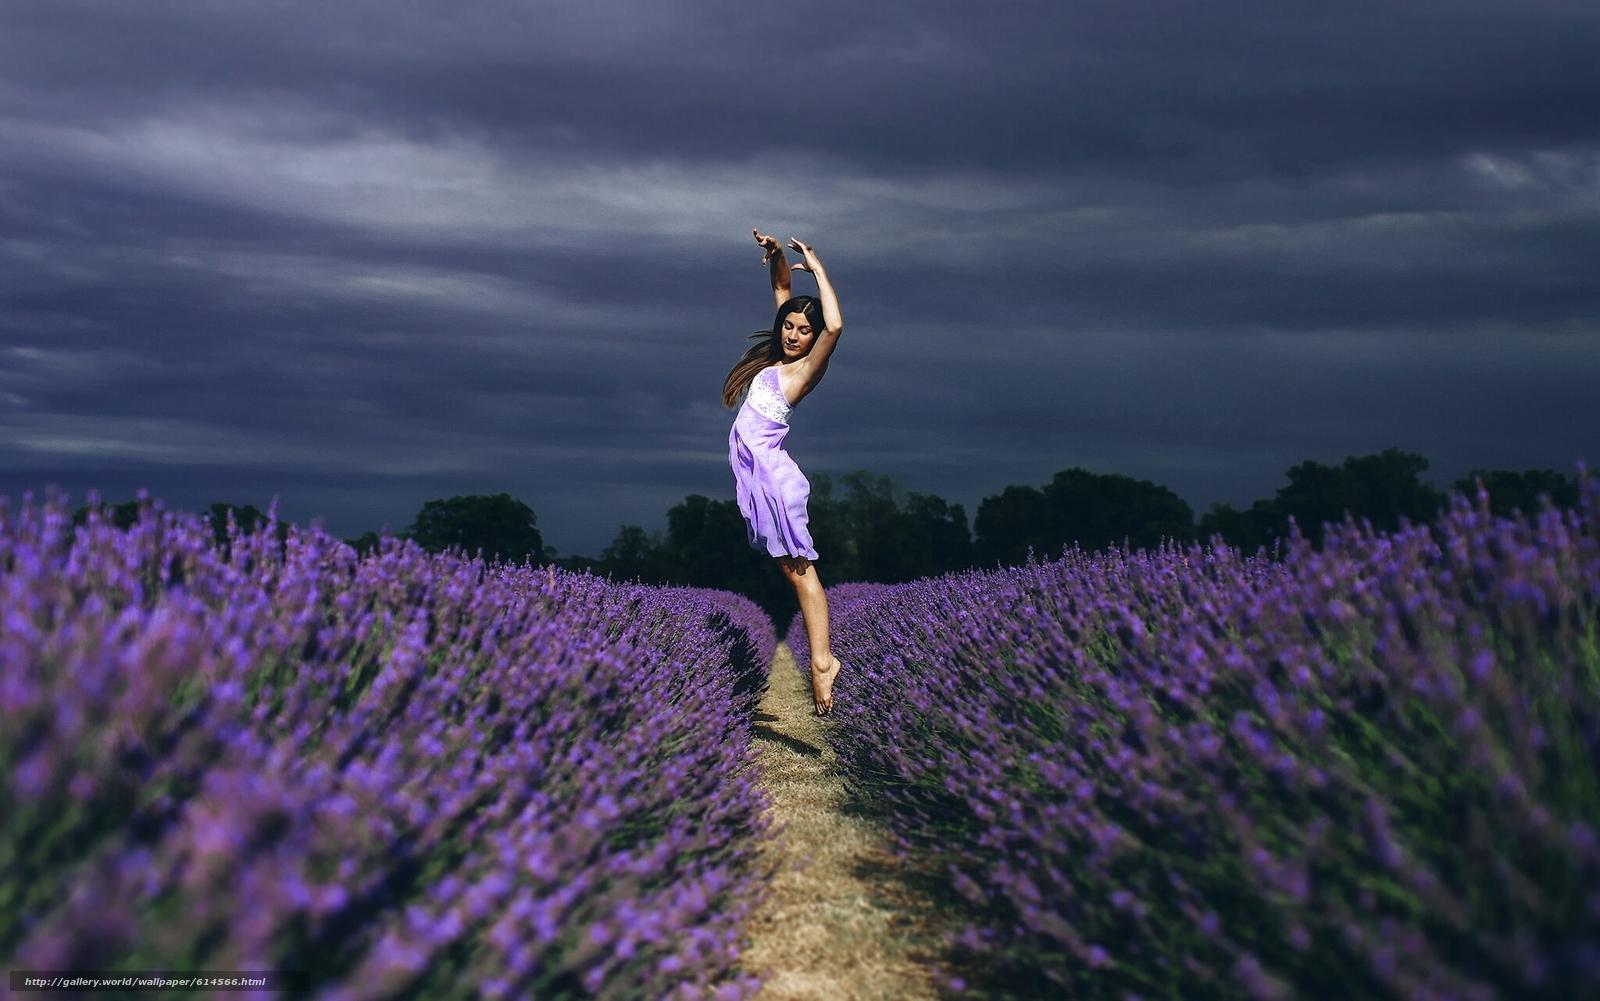 Скачать обои девушка,  танец,  прыжок,  поле бесплатно для рабочего стола в разрешении 1920x1201 — картинка №614566